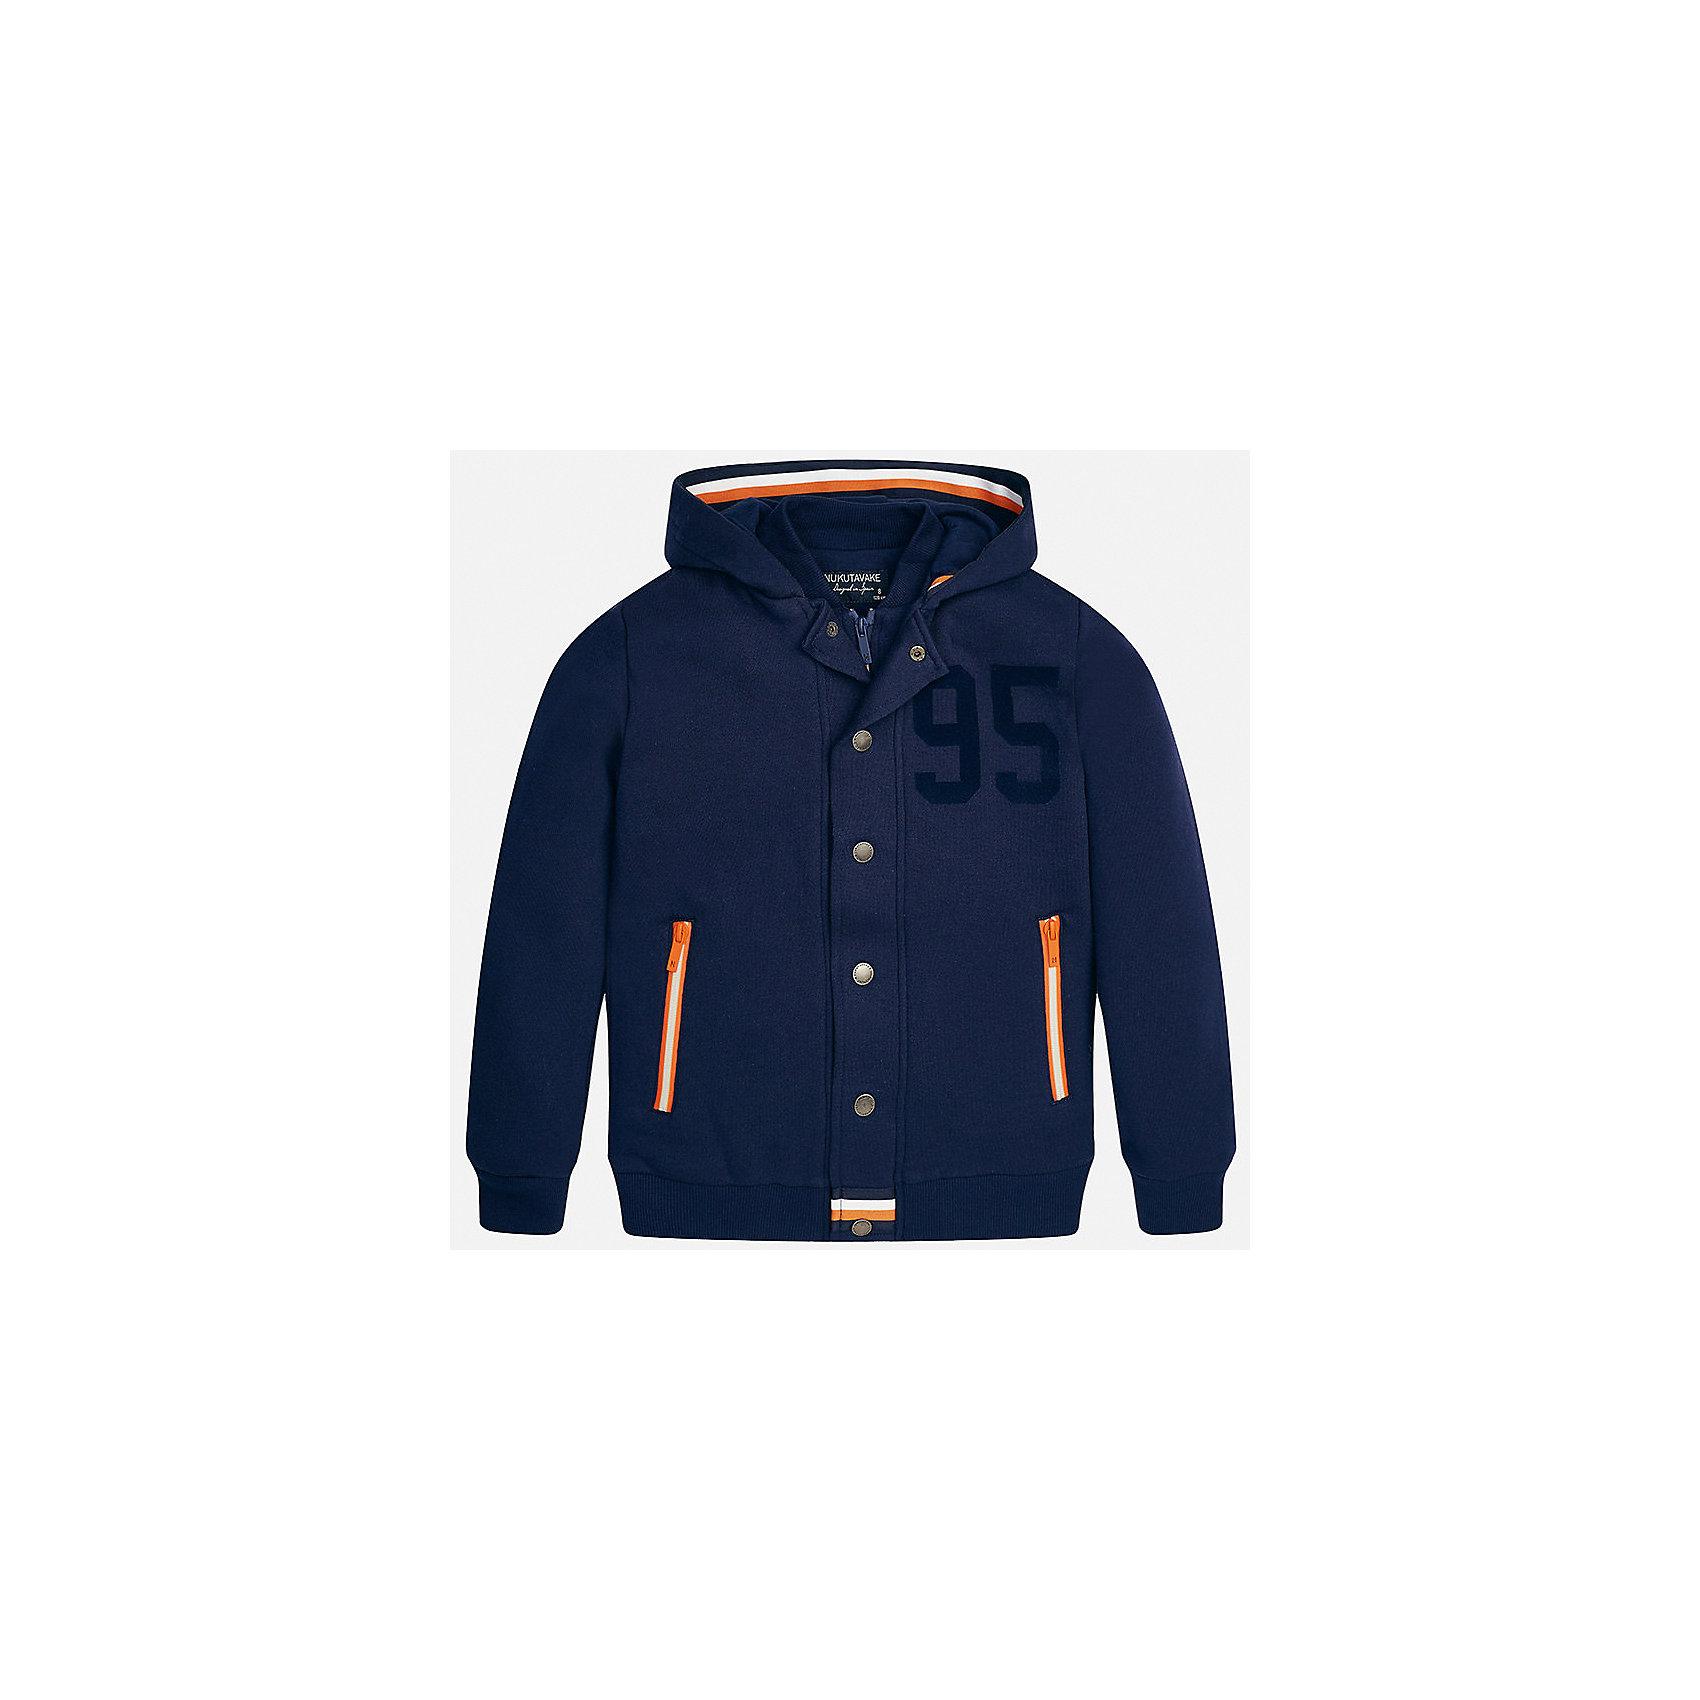 Куртка для мальчика MayoralДемисезонные куртки<br>Характеристики товара:<br><br>• цвет:синий;<br>• сезон: демисезон;<br>• состав ткани: 60% хлопок, 40% полиэстер;<br>• имитация двух вещей;<br>• спортивный стиль;<br>• капюшон: не отстегивается;<br>• страна бренда: Испания;<br>• страна изготовитель: Китай.<br><br>Толстовка для мальчика от популярного бренда Mayoral несомненно понравится вам и вашему ребенку. Качественные ткани, безупречное исполнение, все модели в центре модных тенденций. Незначительный внутренний начес, аккуратные швы, грамотный крой изделия обеспечивает отличную посадку по фигуре. Рукава и пояс на элестичных манжетах. Застегивается на кнопки, капюшон не отстегивается,  карманы спереди на молнии.<br><br>Изюминкой этой модели является двойной воротник, создавая впечатление комплекта из двух вещей, смотрится очень стильно и современно. Толстовка от Mayoral  синего цвета в спортивном стиле станет отличным дополнением к различным предметам гардеробы.<br><br>Толстовку для мальчика Mayoral (Майорал) можно купить в нашем интернет-магазине.<br><br>Ширина мм: 356<br>Глубина мм: 10<br>Высота мм: 245<br>Вес г: 519<br>Цвет: синий<br>Возраст от месяцев: 168<br>Возраст до месяцев: 180<br>Пол: Мужской<br>Возраст: Детский<br>Размер: 170,128/134,140,152,158,164<br>SKU: 6938673